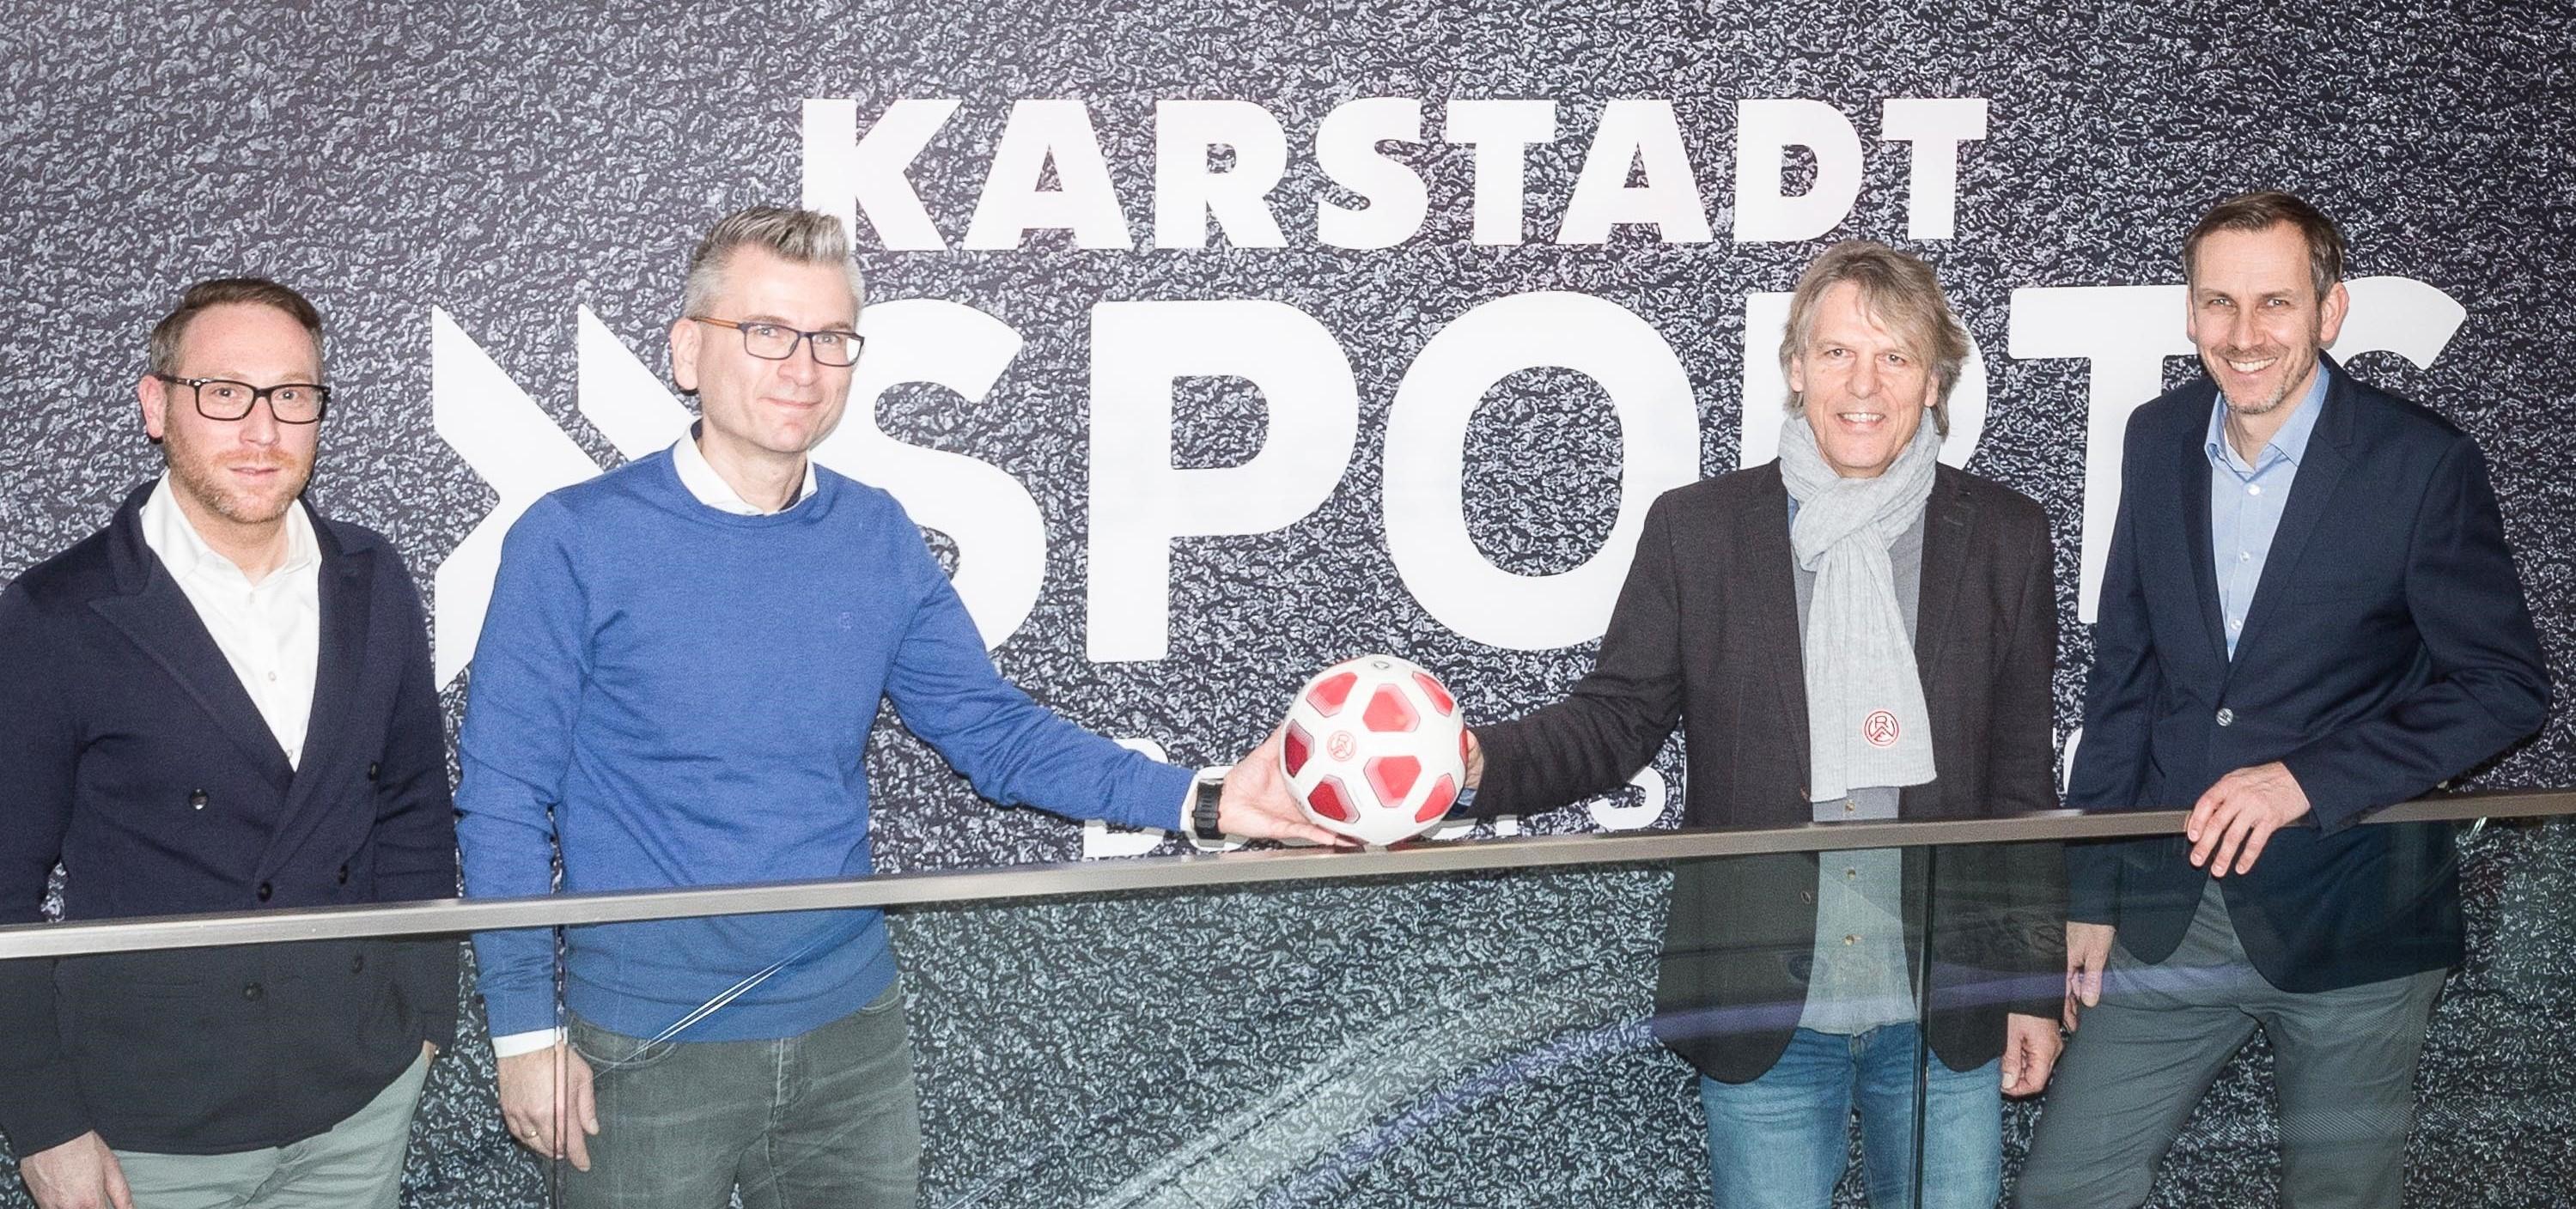 Holger Schmidt (Head of CRM Marketing Karstadt Sports), Stefan Weiß (Vertriebsleiter Region West Karstadt Sports), Rainer Koch (Direktor Marketing, Fans & Mitglieder Rot-Weiss Essen) und Stefan Bielefeld (Leitung Marketing Karstadt Sports) freuen sich auf die Zusammenarbeit. (Foto: Endberg)